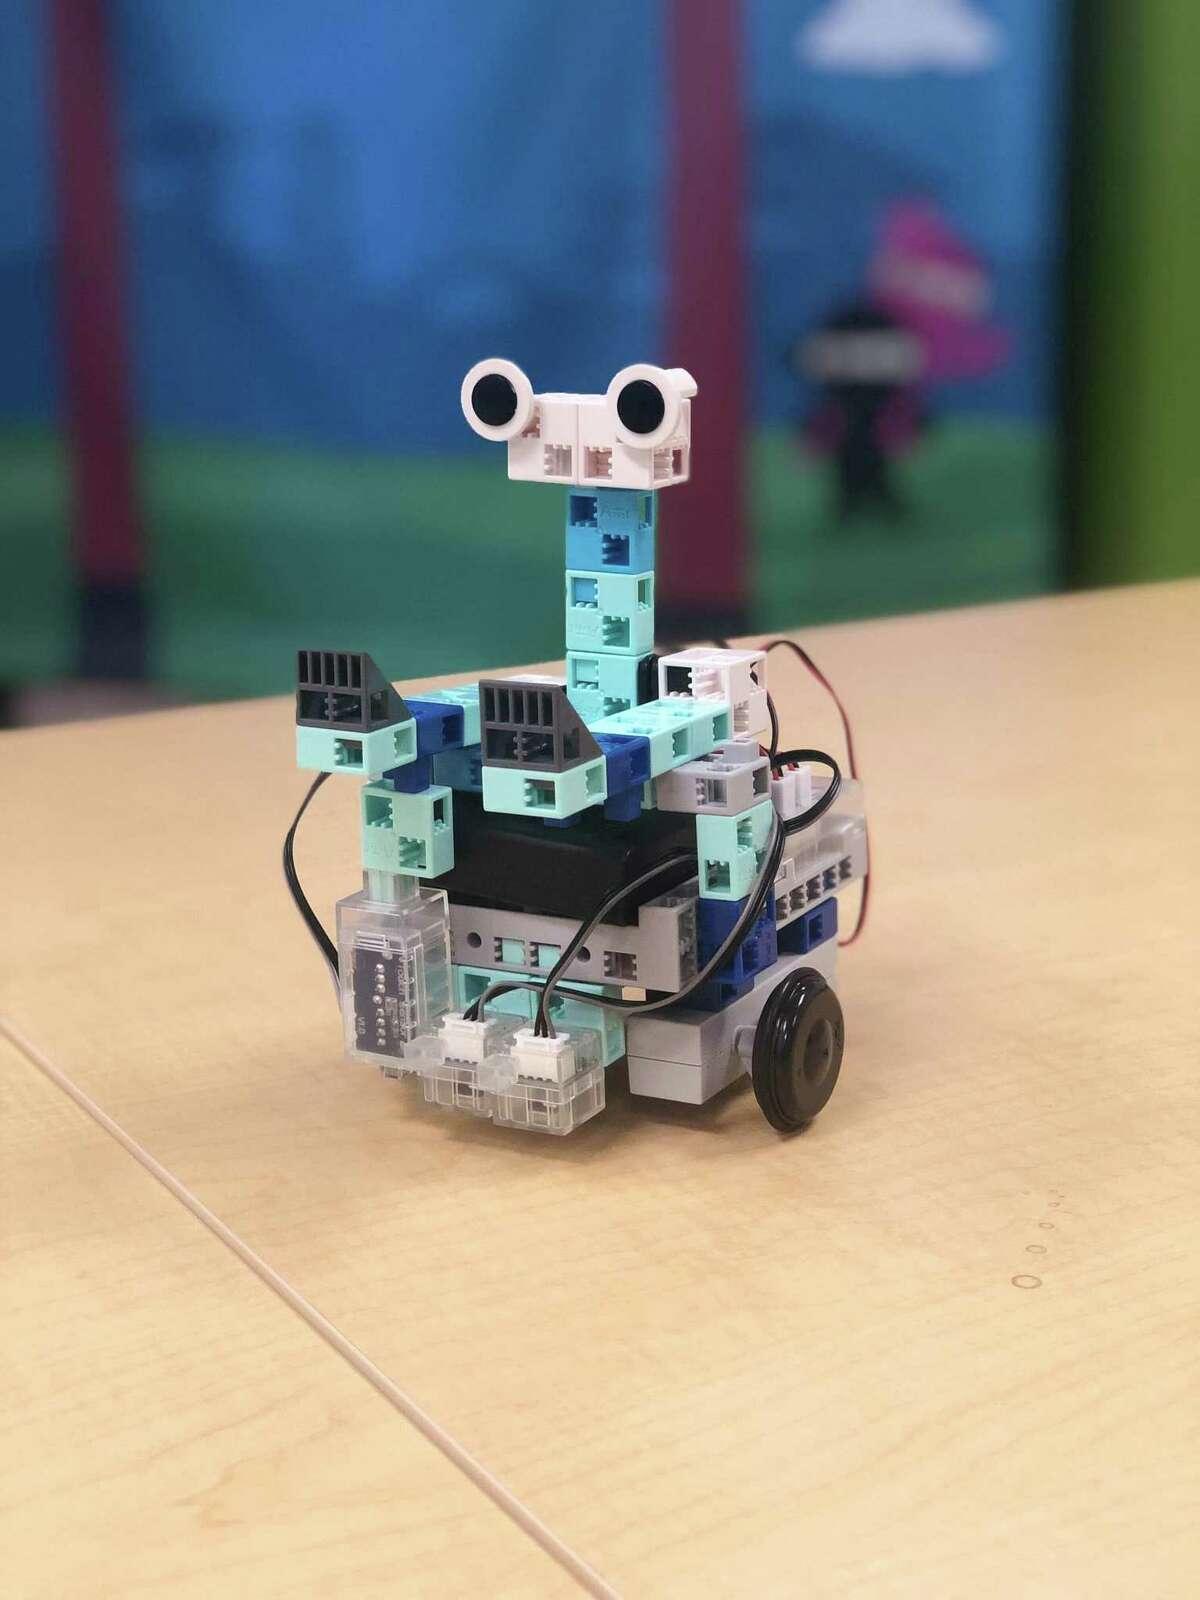 Robot from Code Ninjas